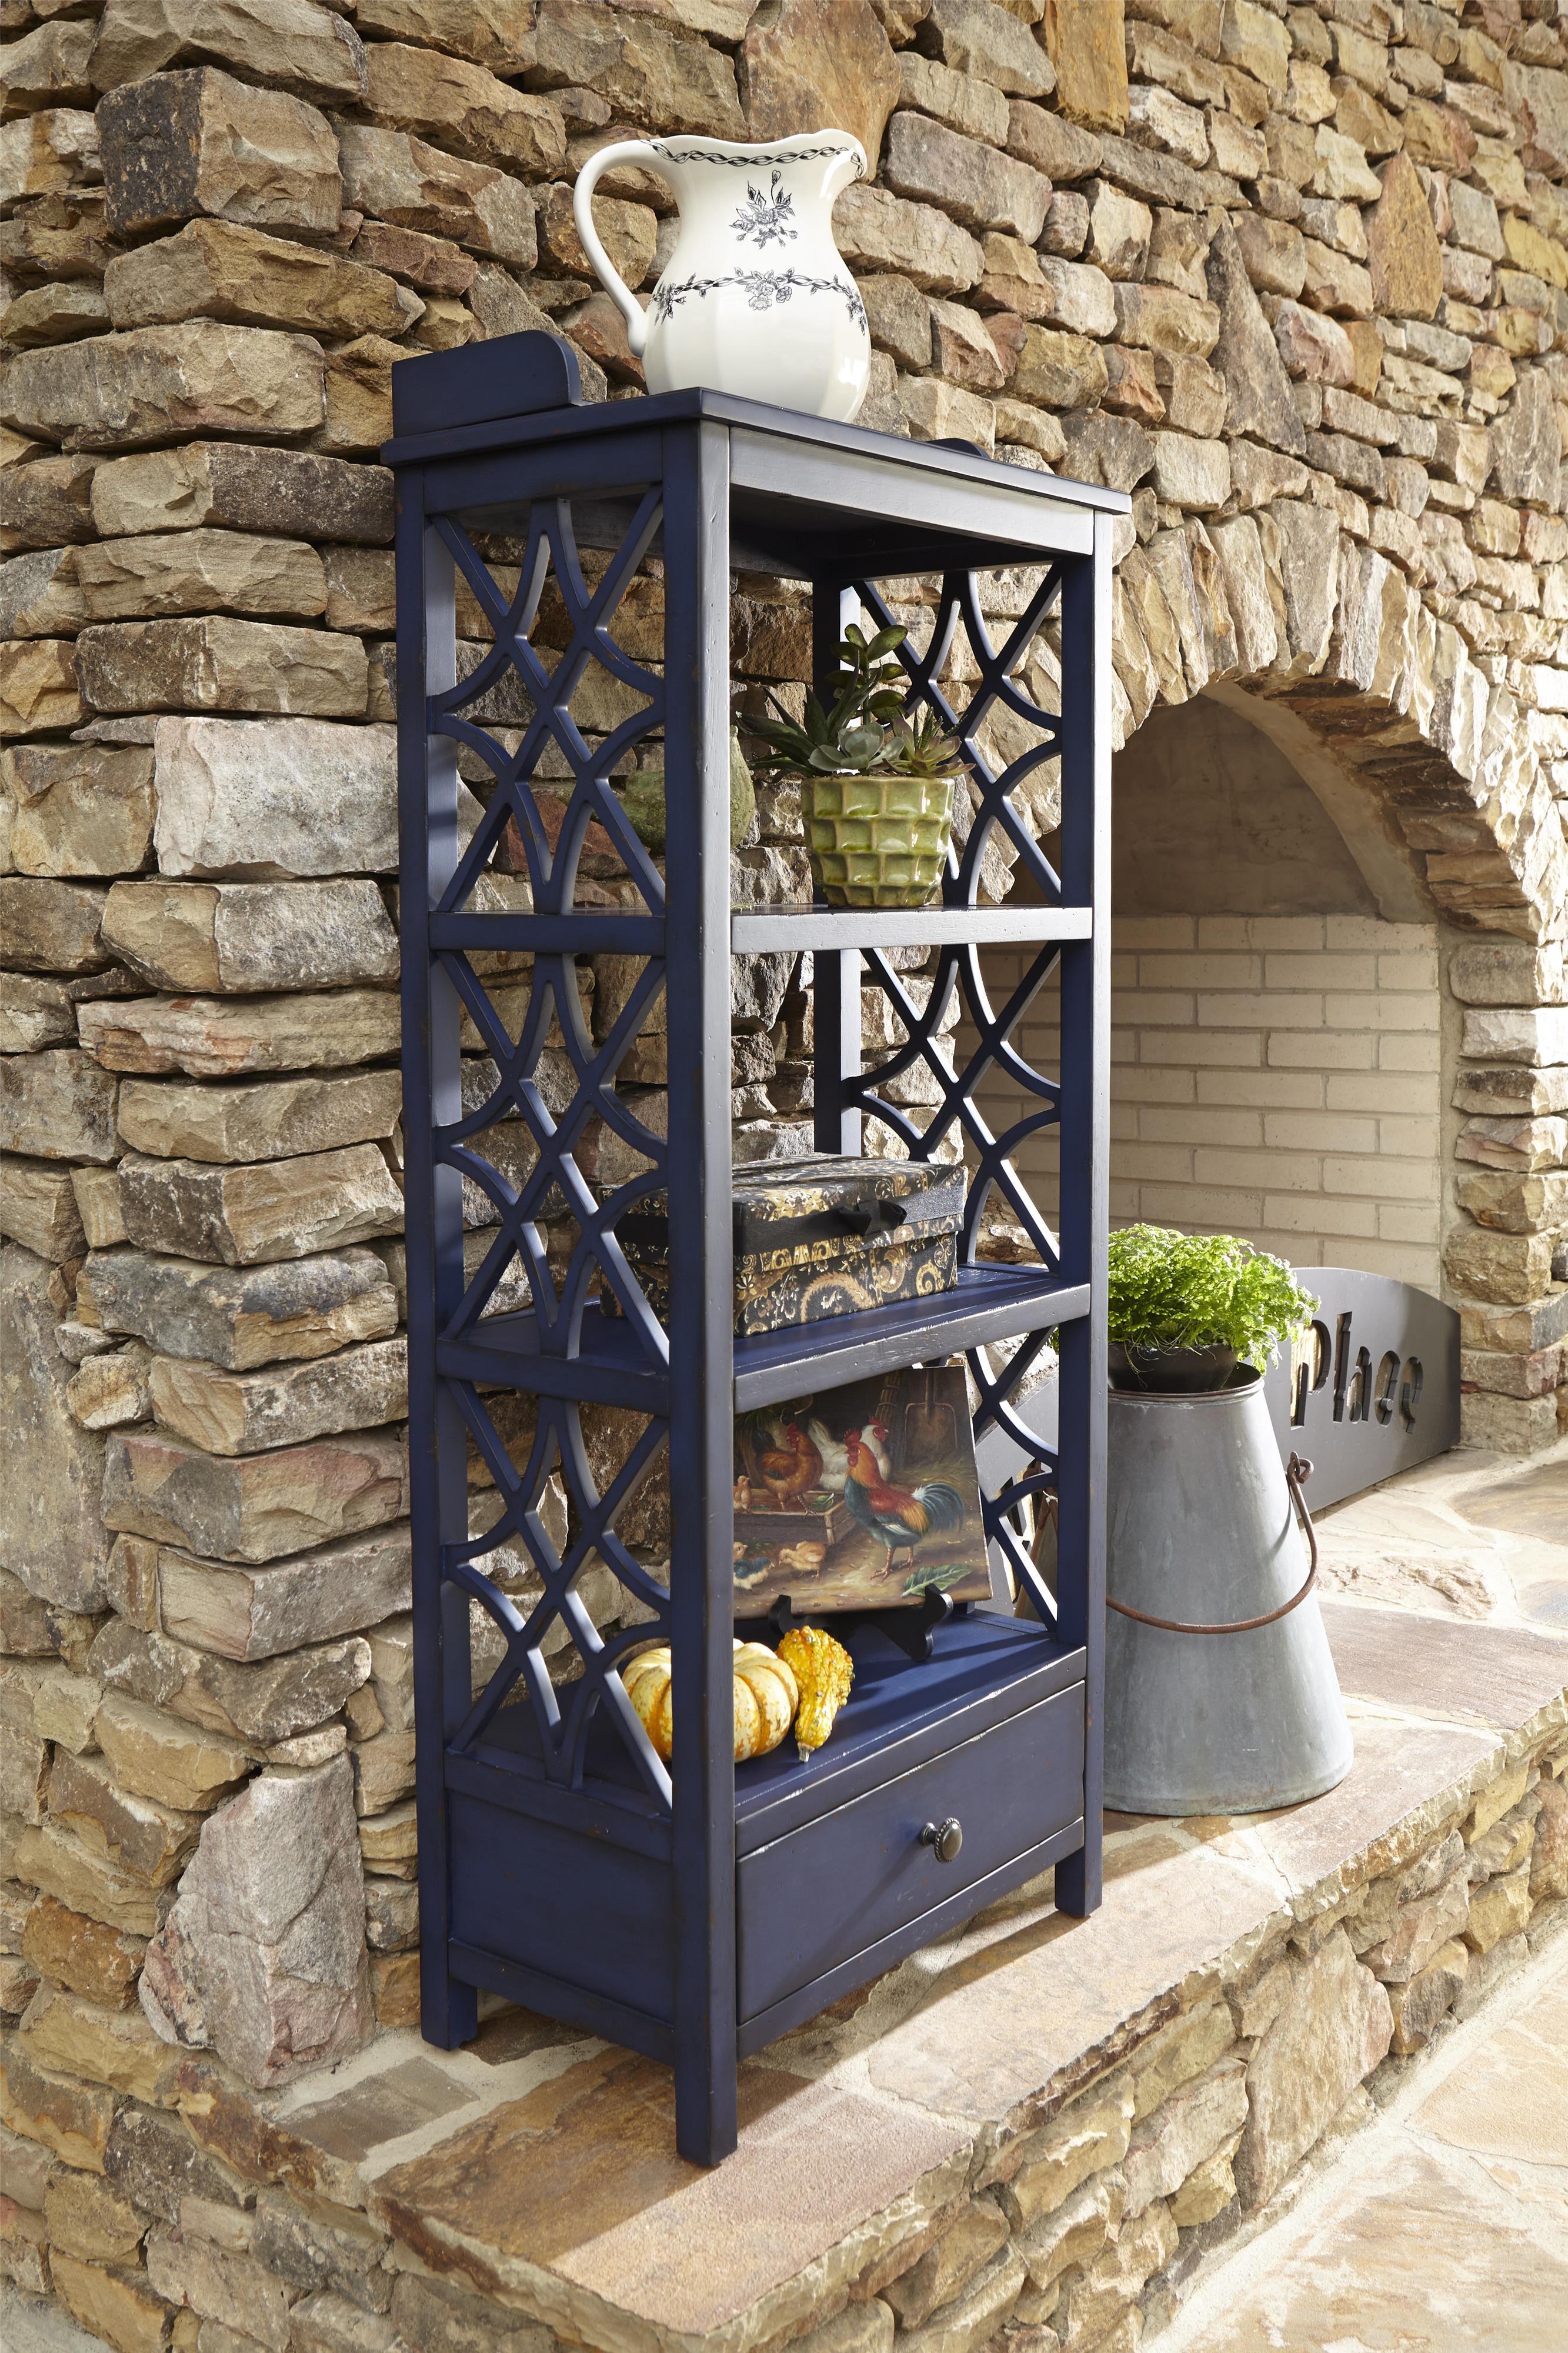 Klaussner Trisha Yearwood Home Honeysuckle Etagere  : products2Ftrishayearwoodhomecollectionbyklaussner2Fcolor2Ftrisha20yearwood20home20 20120279175921 86020etag b6 from www.homeworld.com size 2666 x 4000 jpeg 1708kB